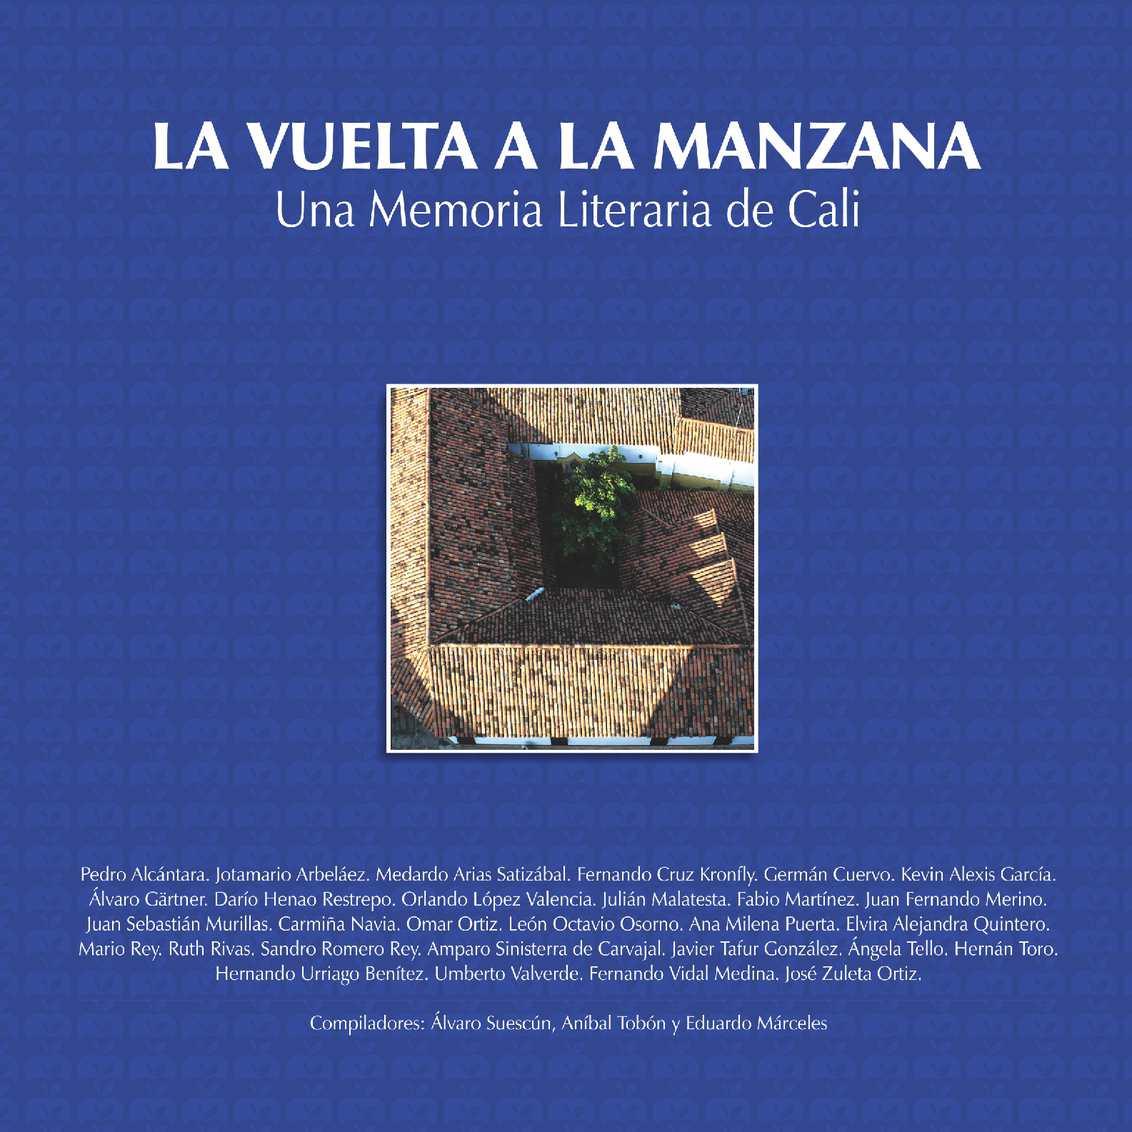 b2b85c6560bb Calaméo - La vuelta a la manzana. Una Memoria Literaria de Cali. Noviembre  2013